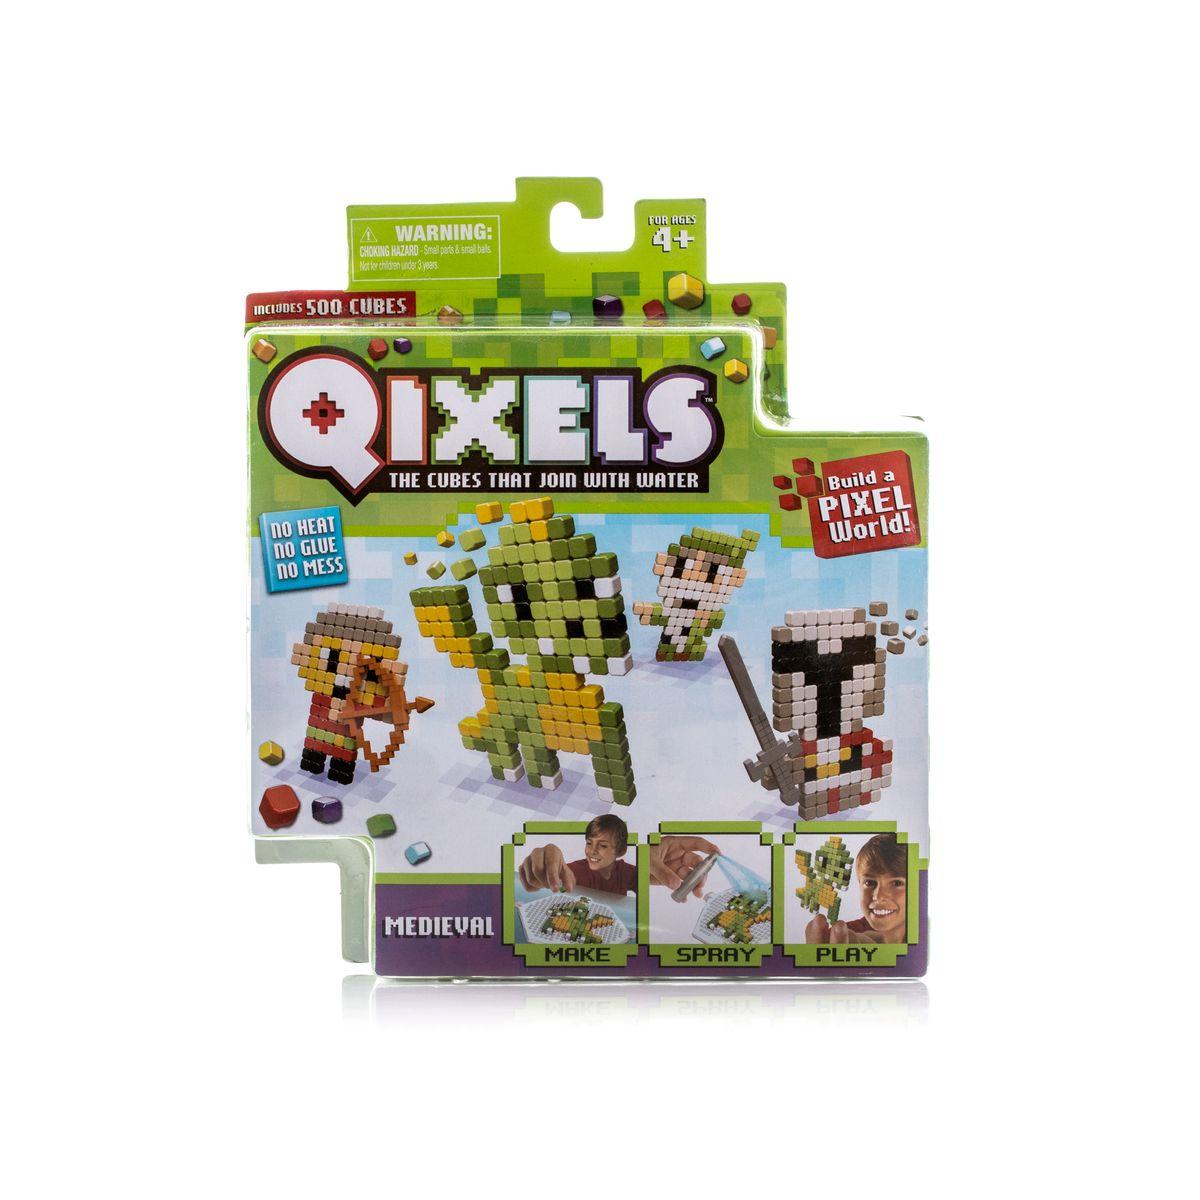 Qixels Мозаика СредневековьеQ87004Новинка осени 2016 года – набор для игр и творчества Qixels «Средневековье». Наборы для необычного и очень увлекательного хобби Qixels (Квикселс) – это миниатюрные разноцветные кубики, которые скрепляются с помощью обыкновенной воды! Создайте фигурку, смочите её водой и дождитесь полного высыхания. Всего через каких-то 30 минут Ваша фигурка будет готова и с ней можно играть как с обычной игрушкой! Игровой набор подойдет как для мальчиков, так и для девочек. Вы можете использовать готовые лекала, входящие в комплект набора или фантазировать на свободные темы! В комплект набора входит: 500 x кубиков 1 x дизайн лоток 4 x цветных дизайн лекала (для фигурок рыцаря, лучника, волшебника и дракона) 1 x опора 1 x база 2 x аксессуара 1 x бирка с нитью 1 x распылитель для воды 1 x инструкция